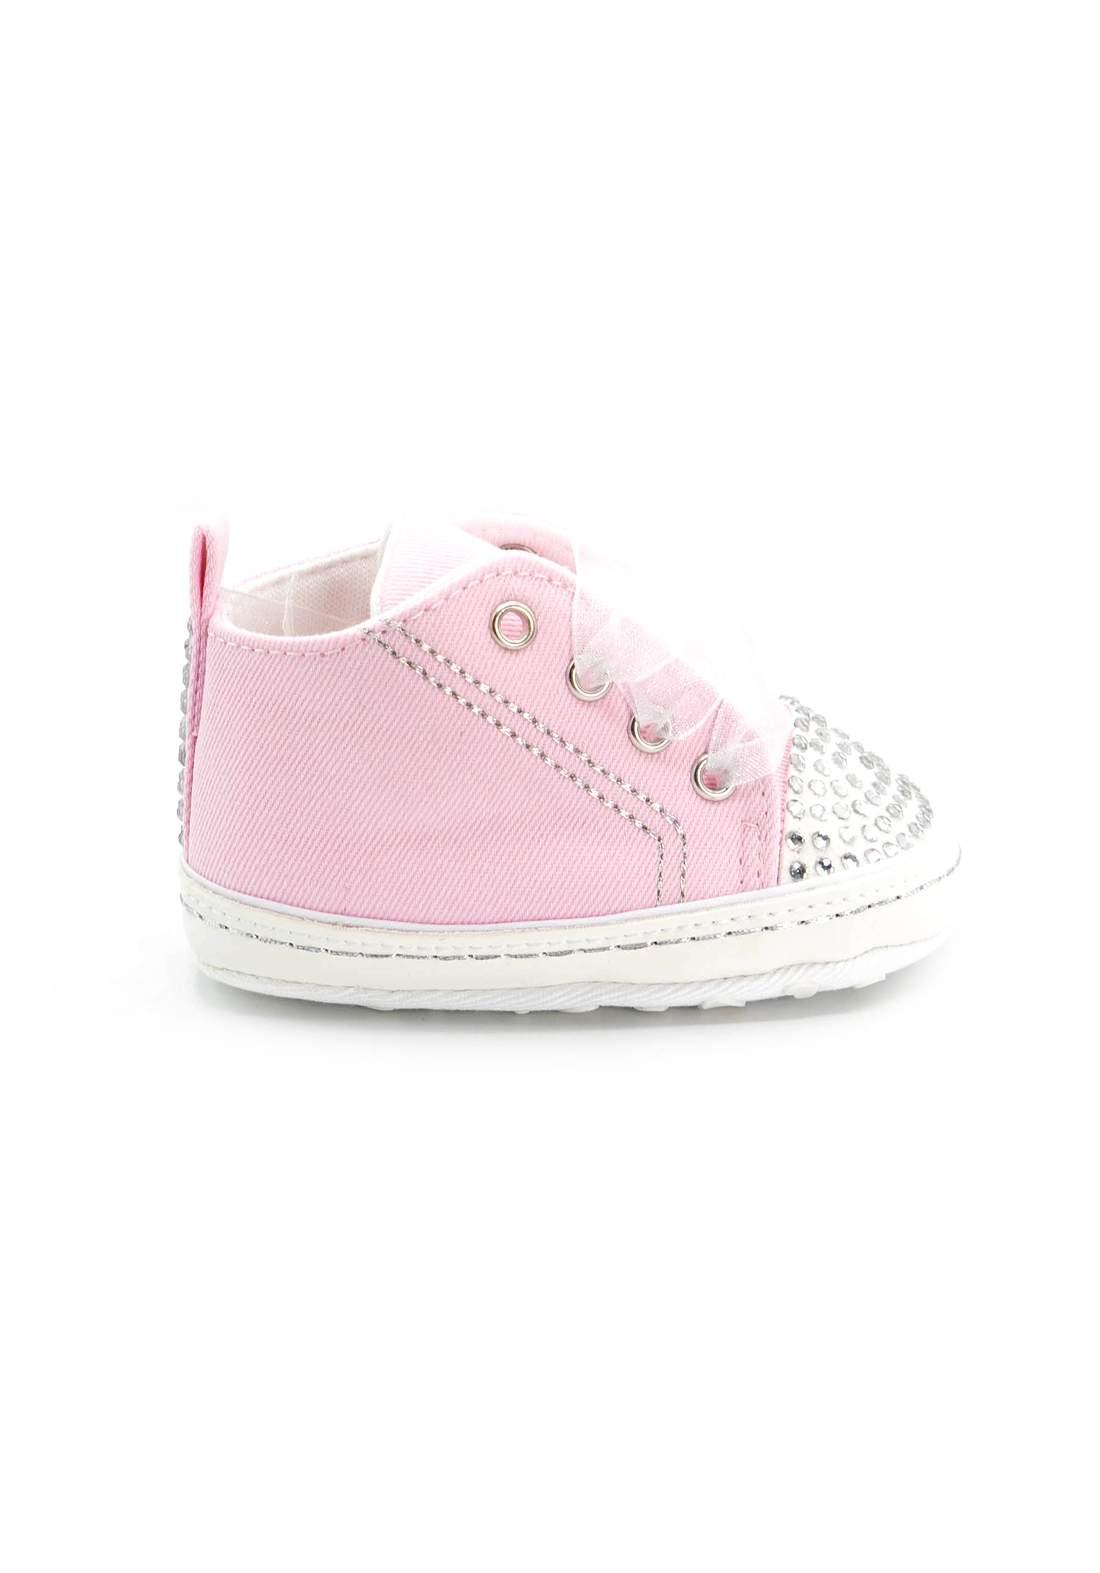 حذاء اطفال وردي اللون